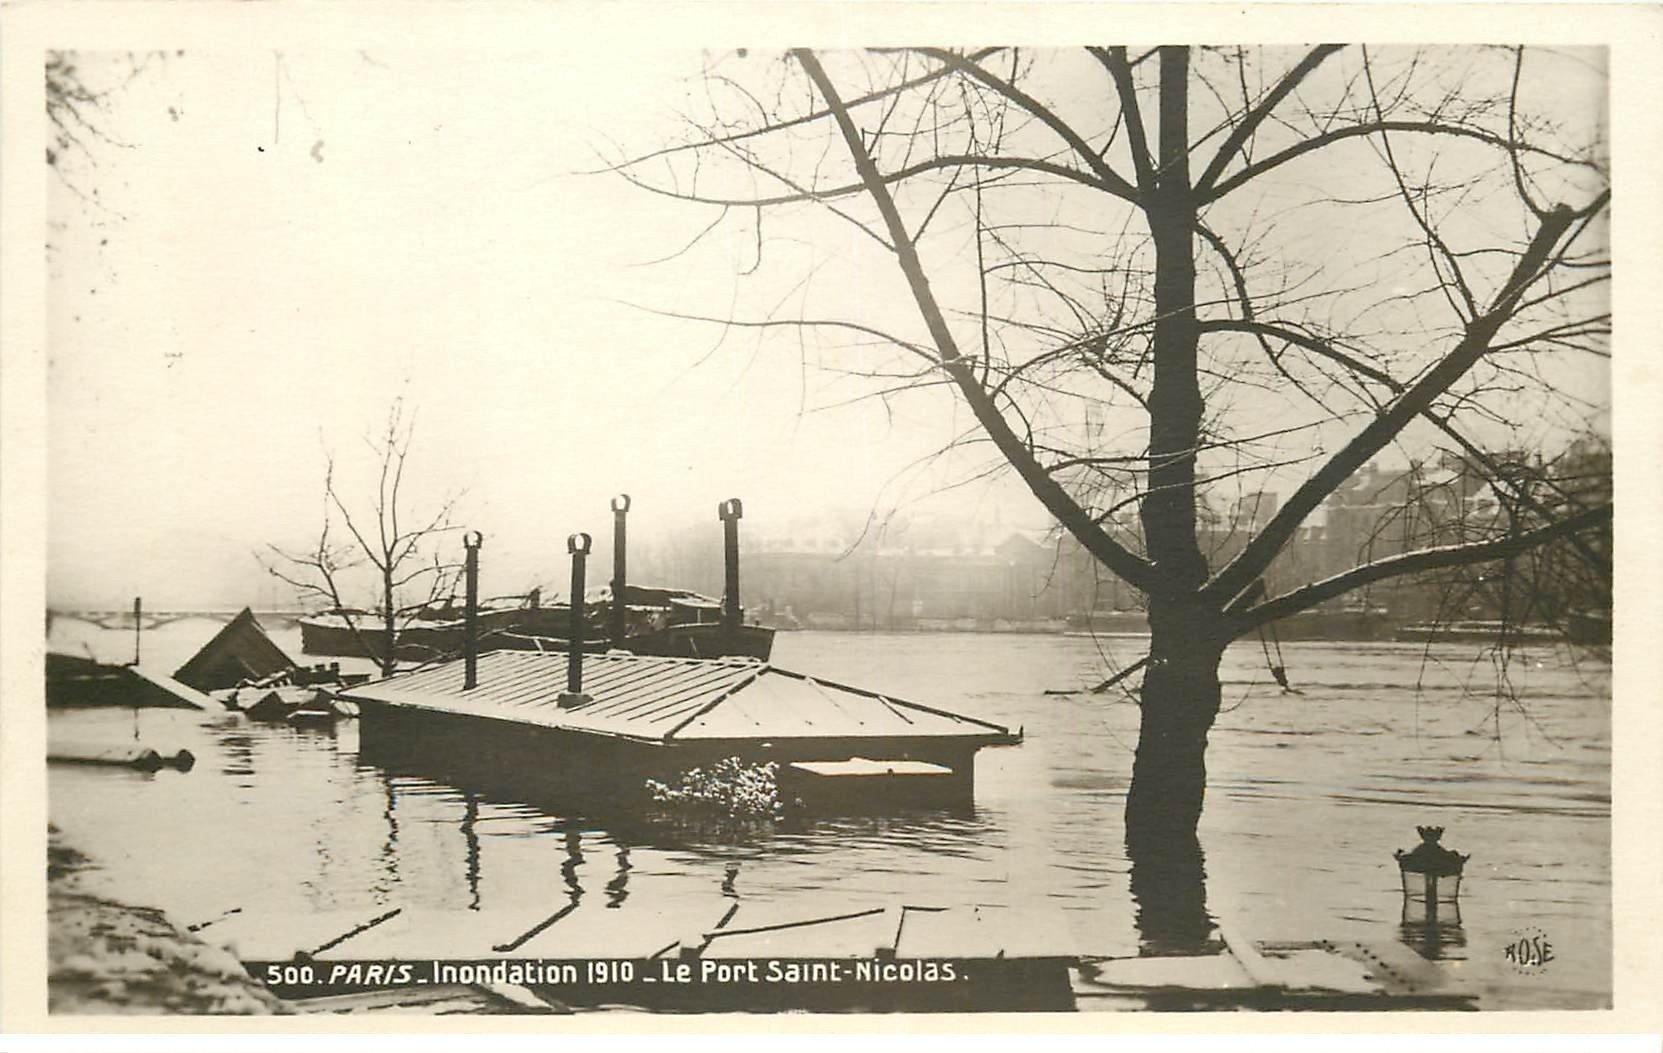 carte postale ancienne INONDATION ET CRUE PARIS 1910. Port Saint-Nicolas